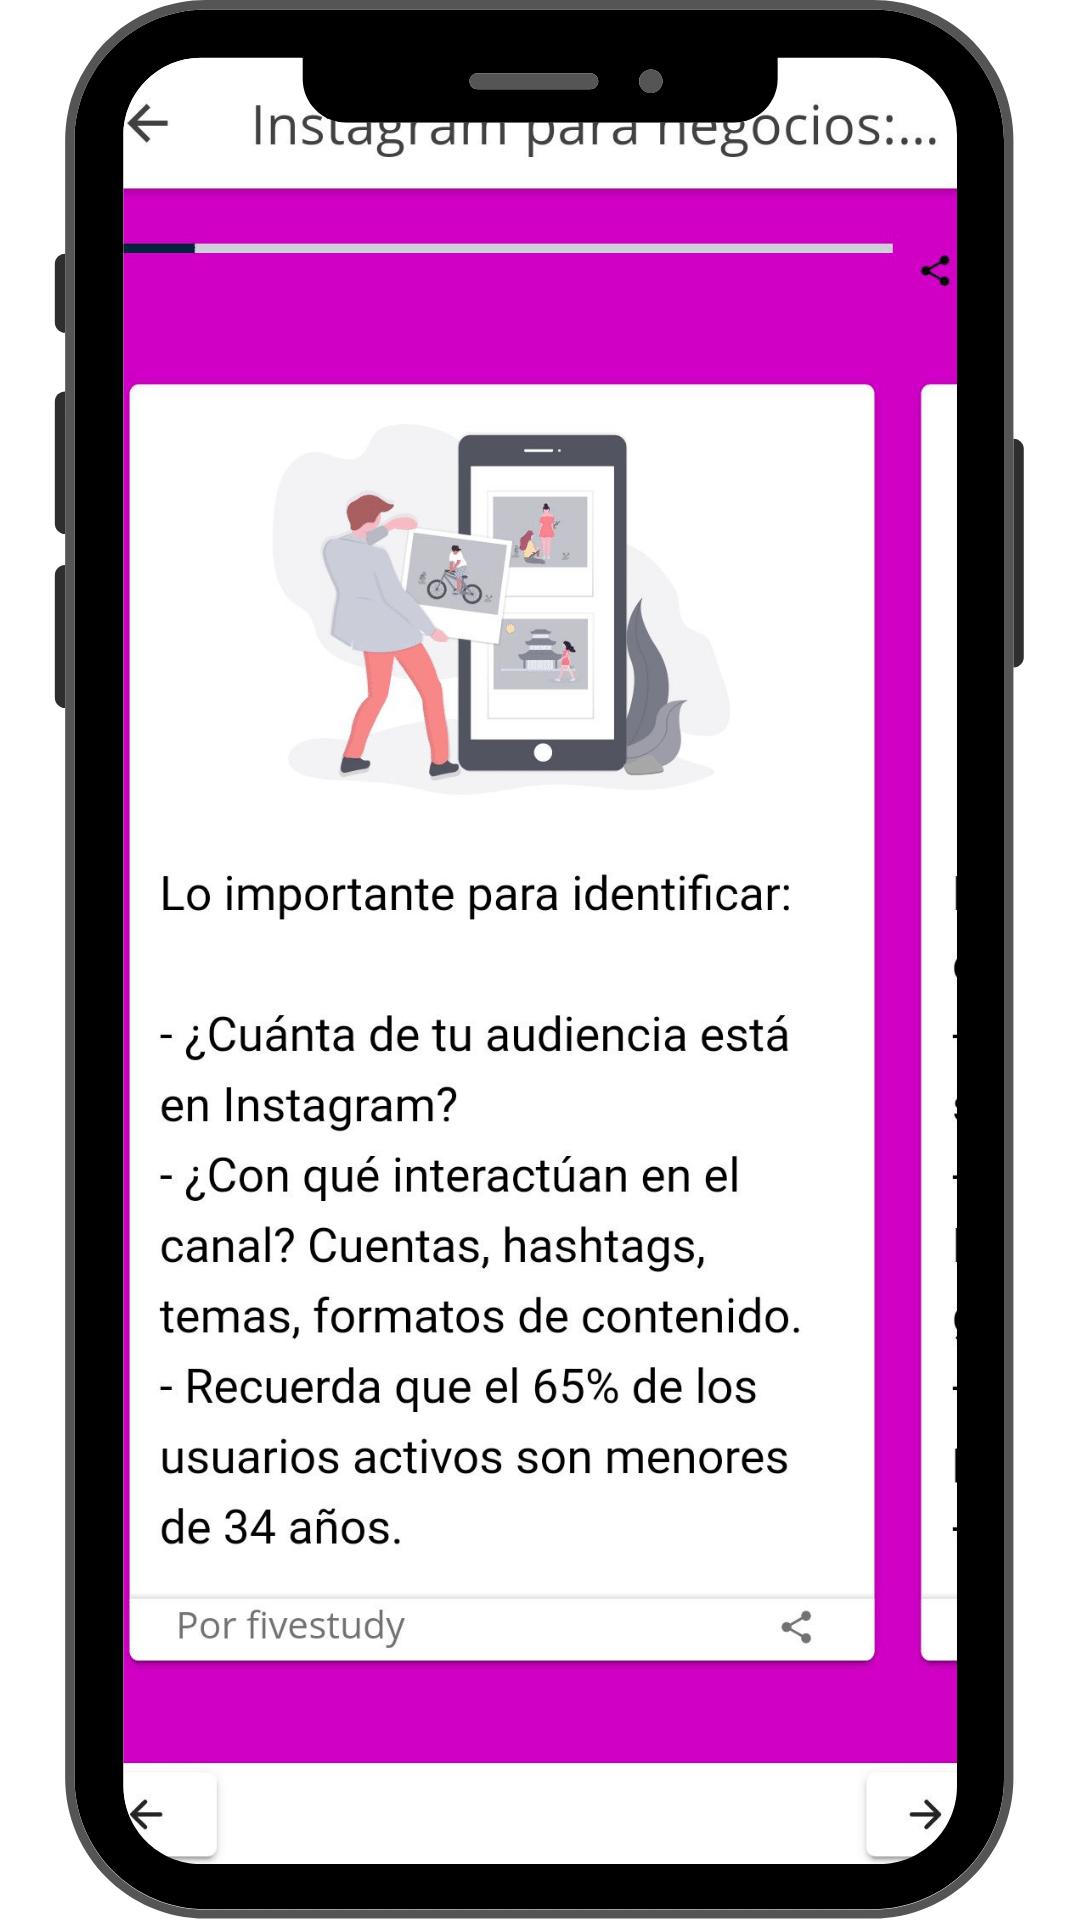 instagram para negocios aplicaciones cognitios fivestudy